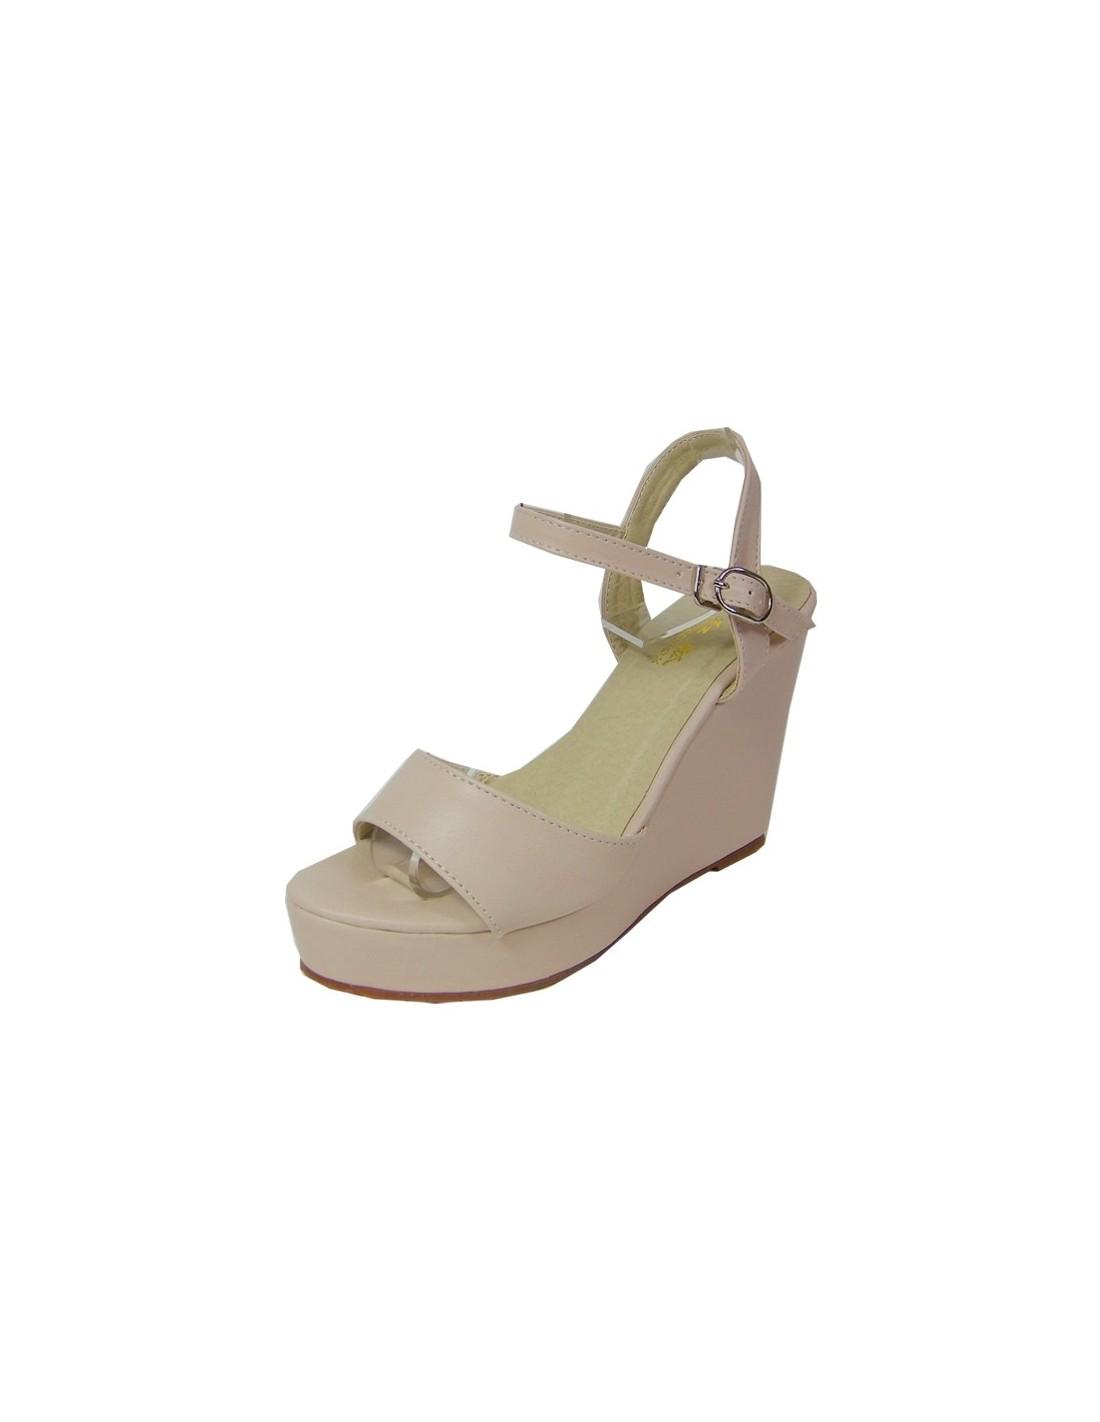 Sandales rose poudré à talons compensés en petite pointure femme c737475b4ce6